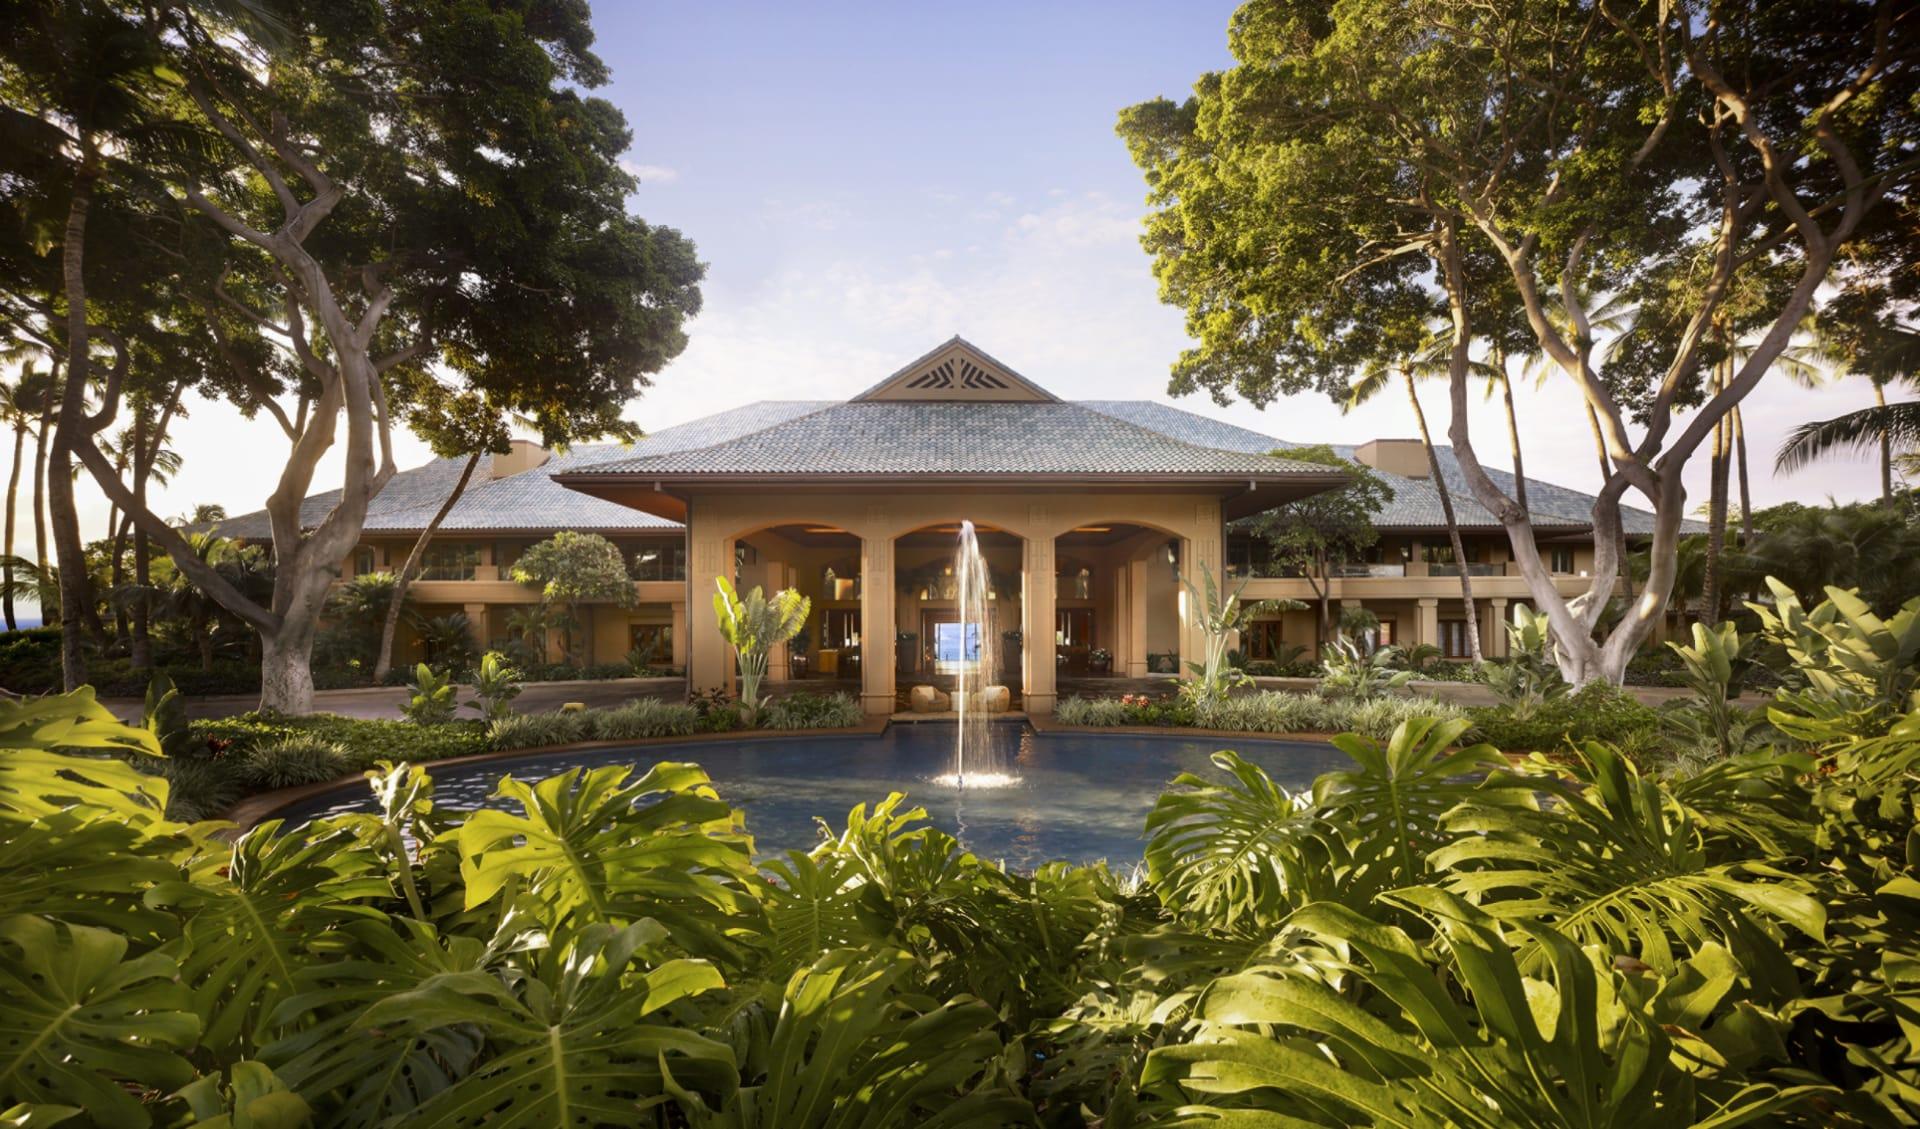 Four Seasons Lanai Resort:  Four Seasons Lanai Resort - MAN_1254